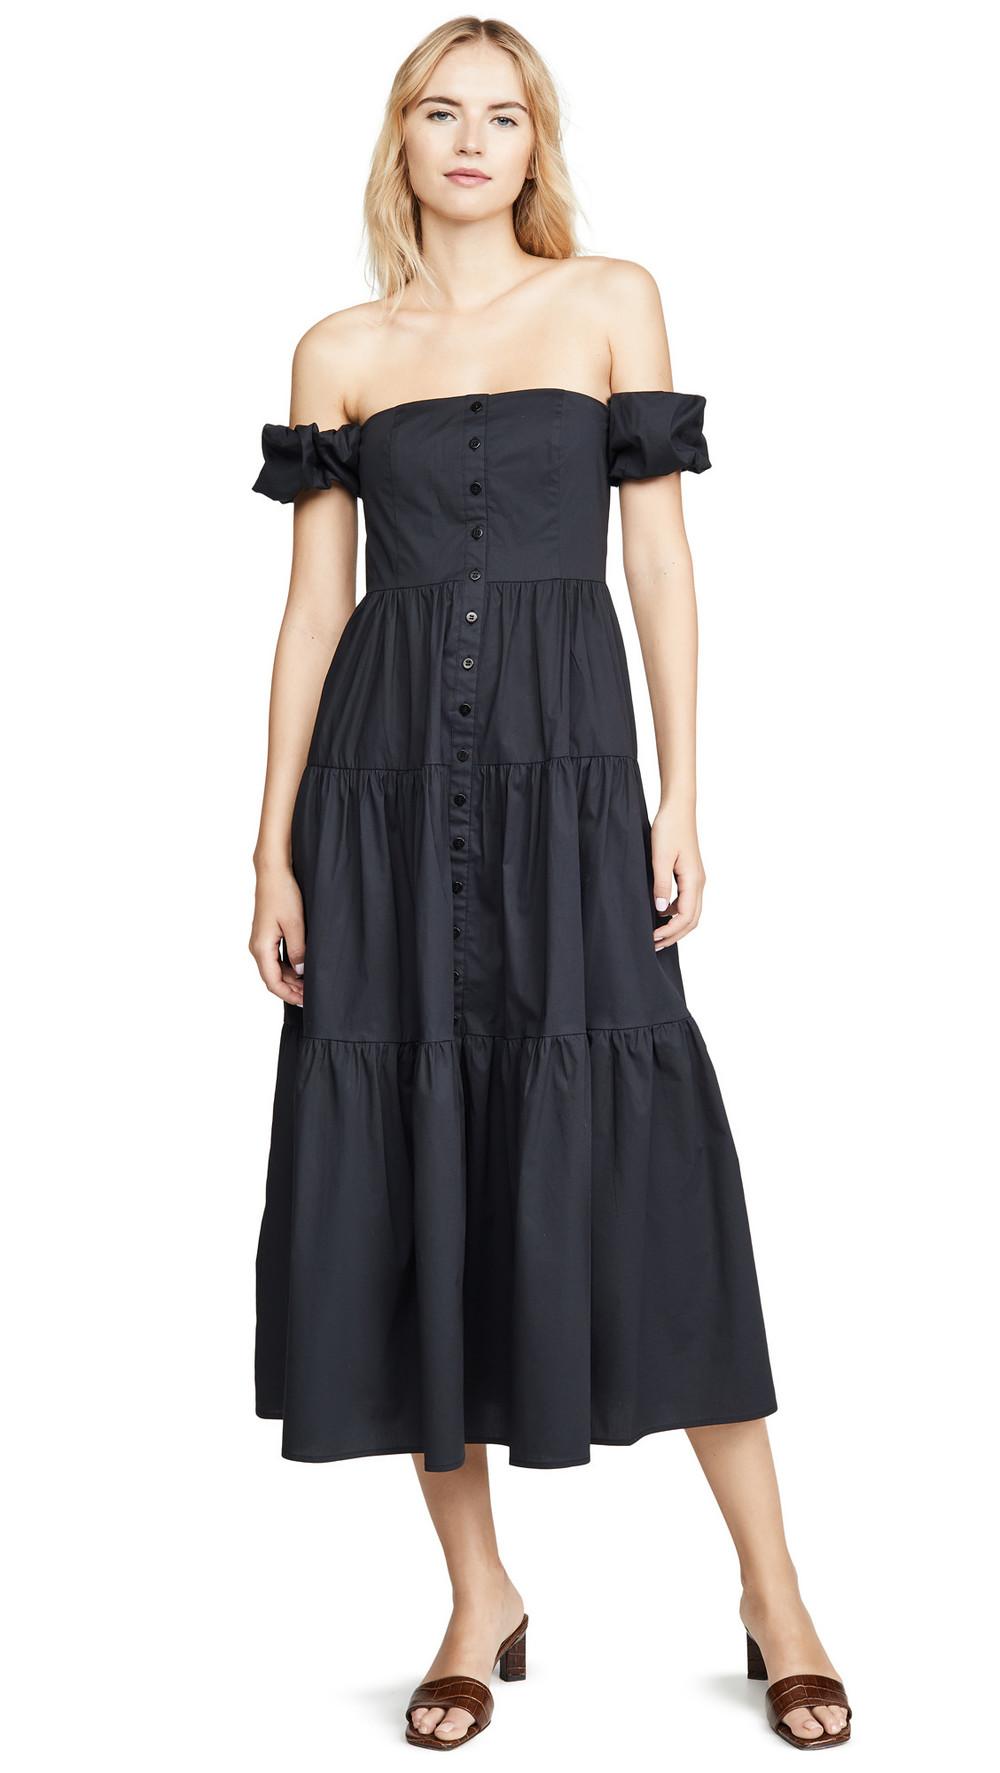 STAUD Elio Dress in black